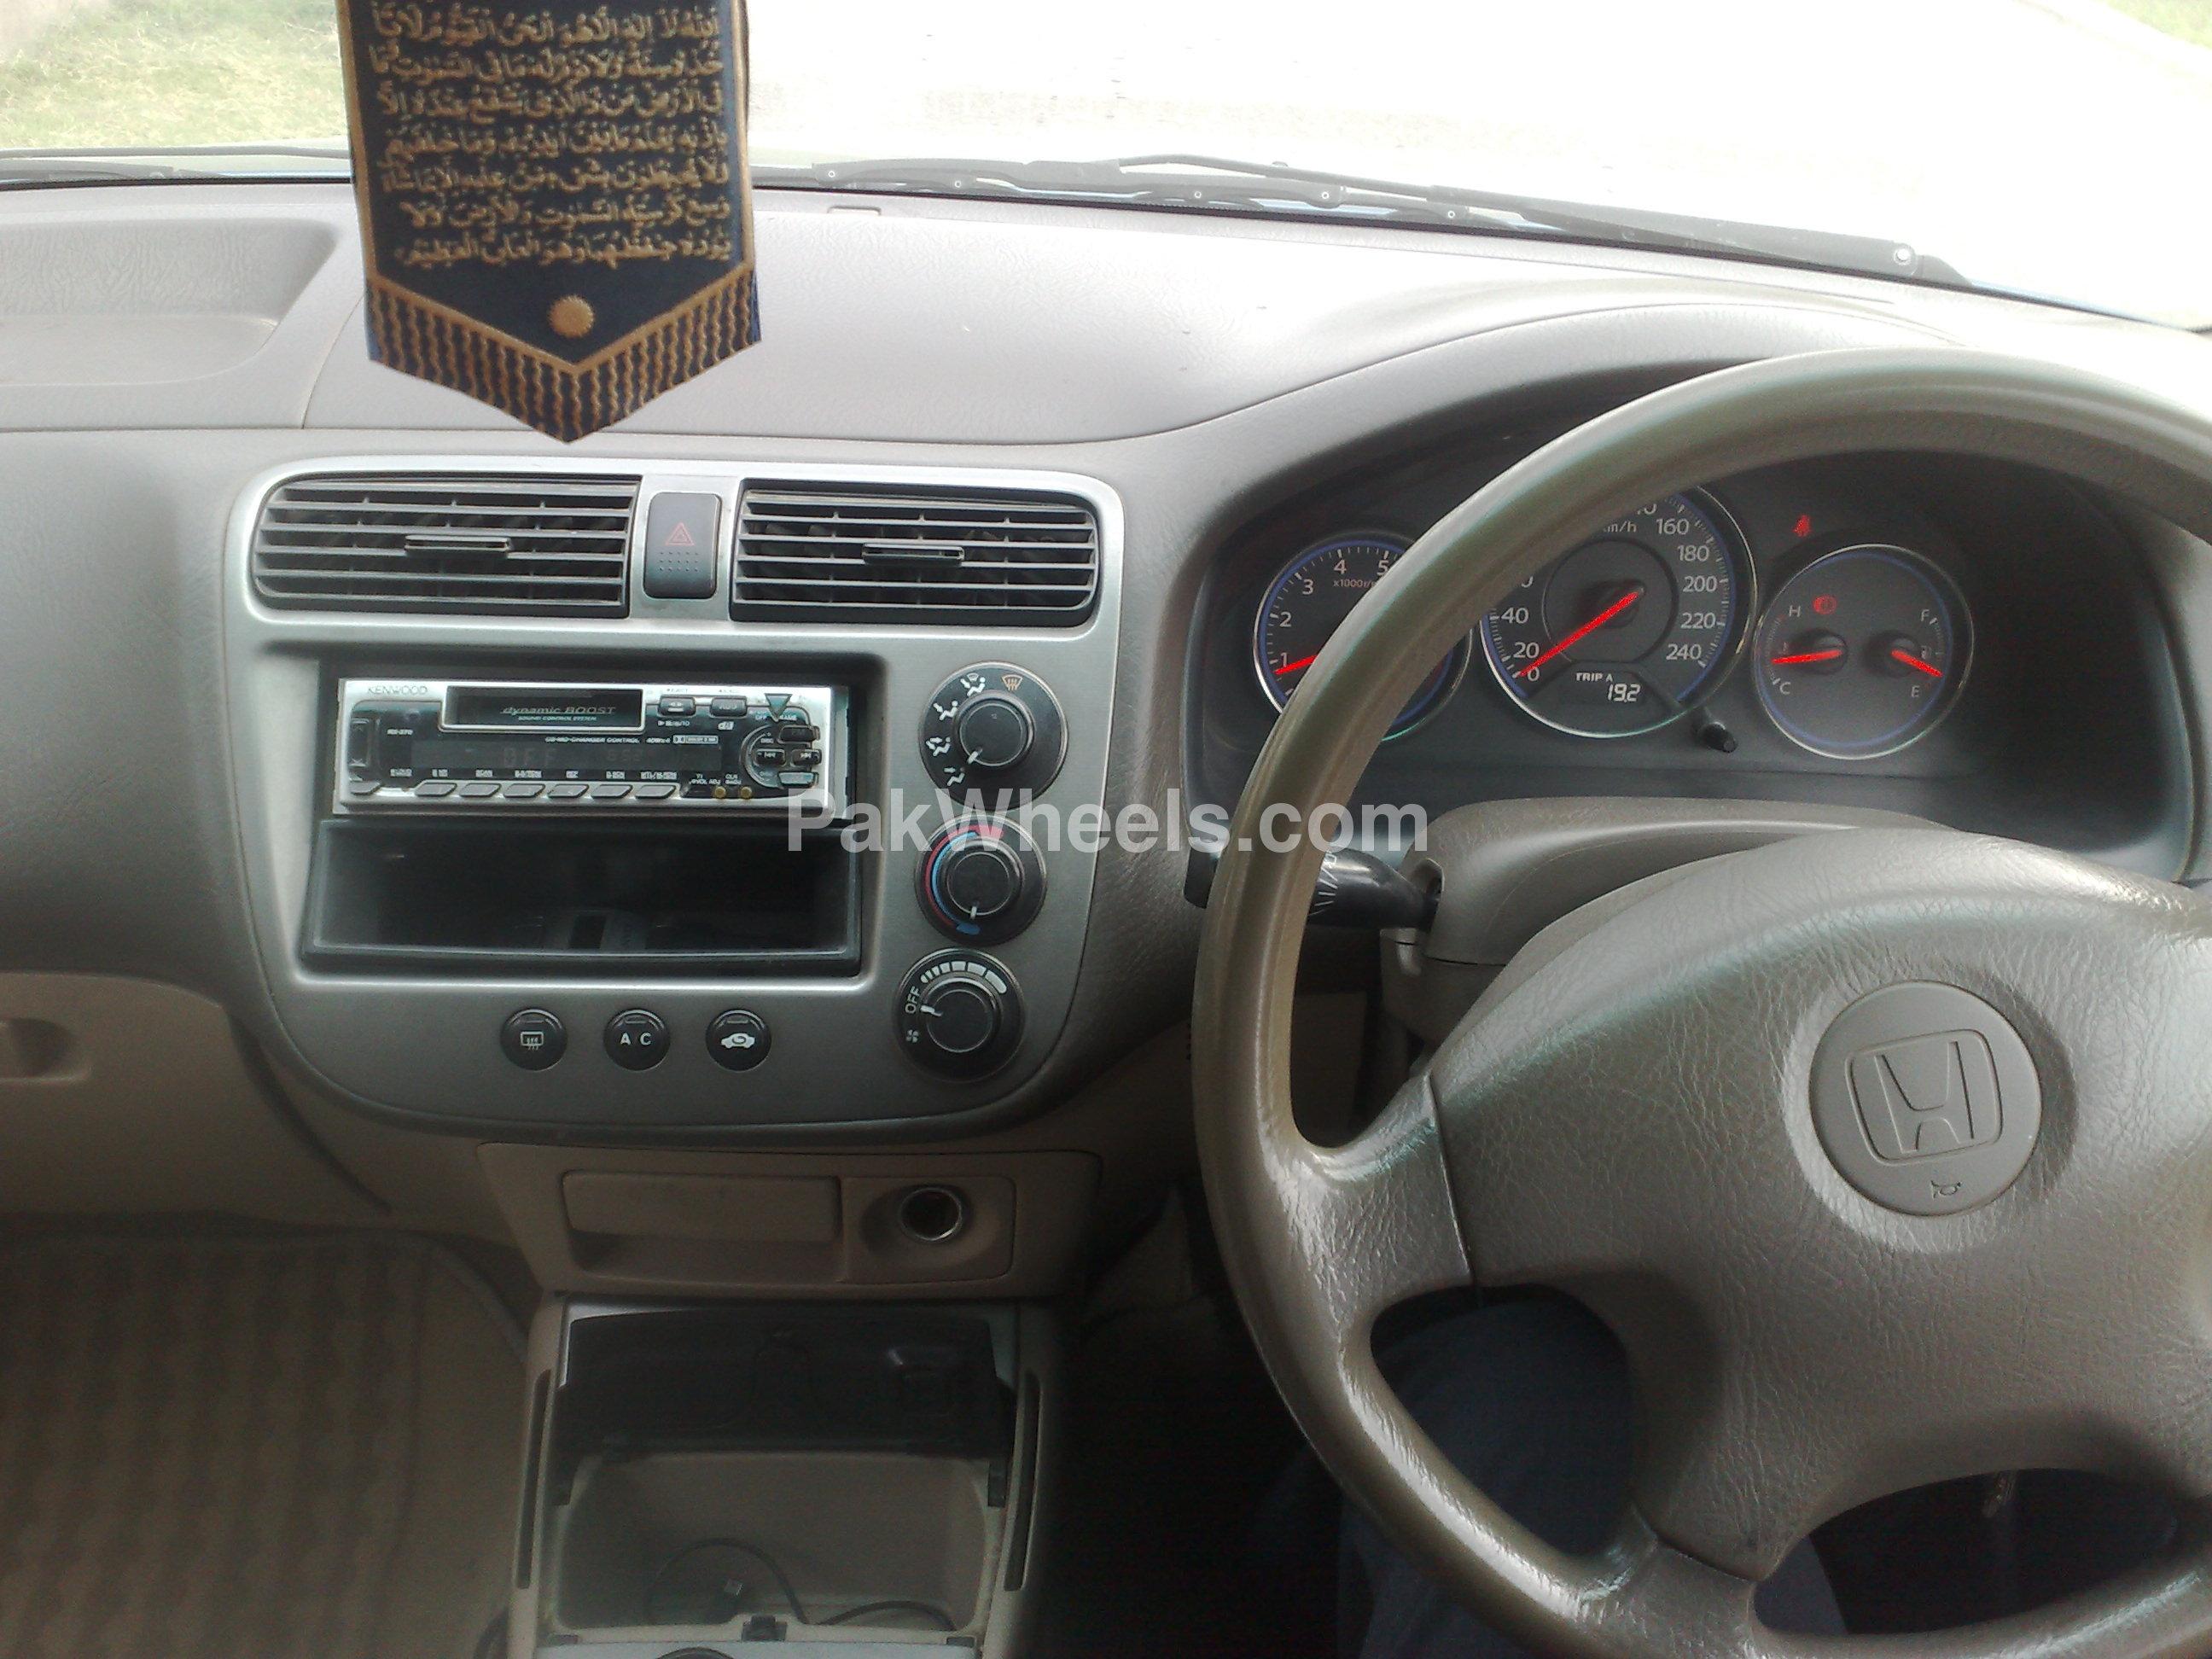 Honda Civic VTi Oriel 1.6 2004 Image-2